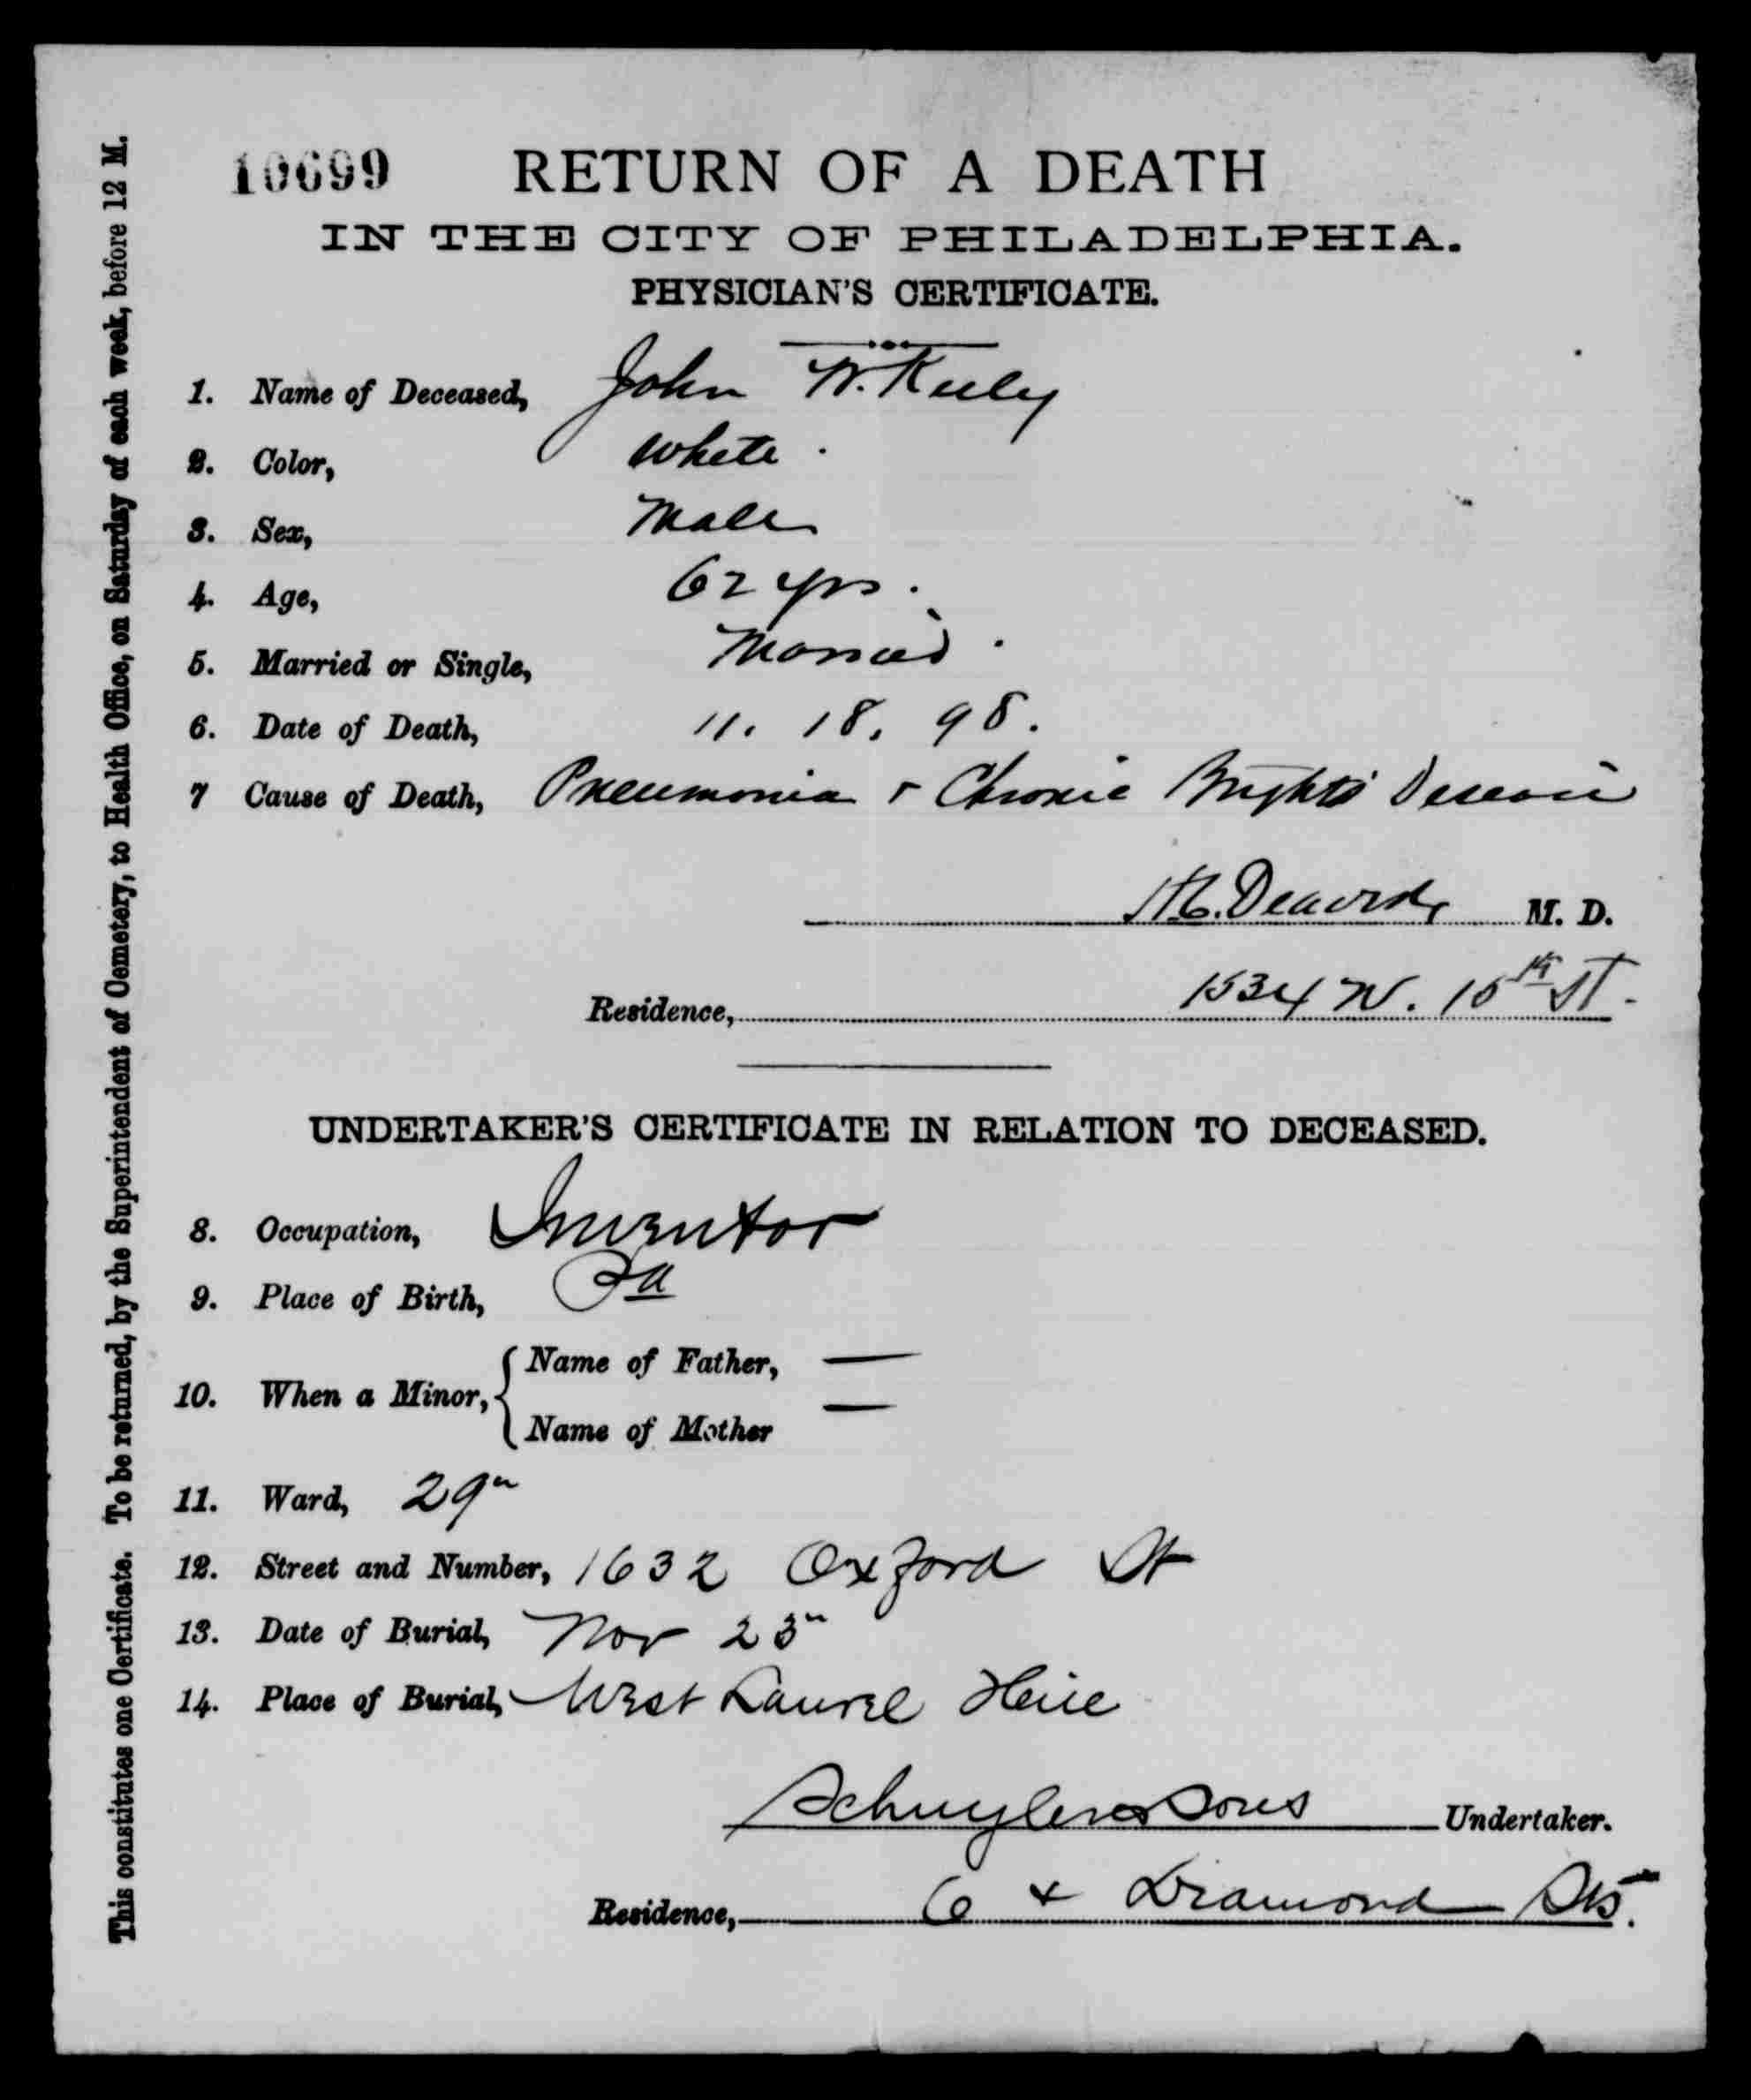 John W. Keely Death Certificate